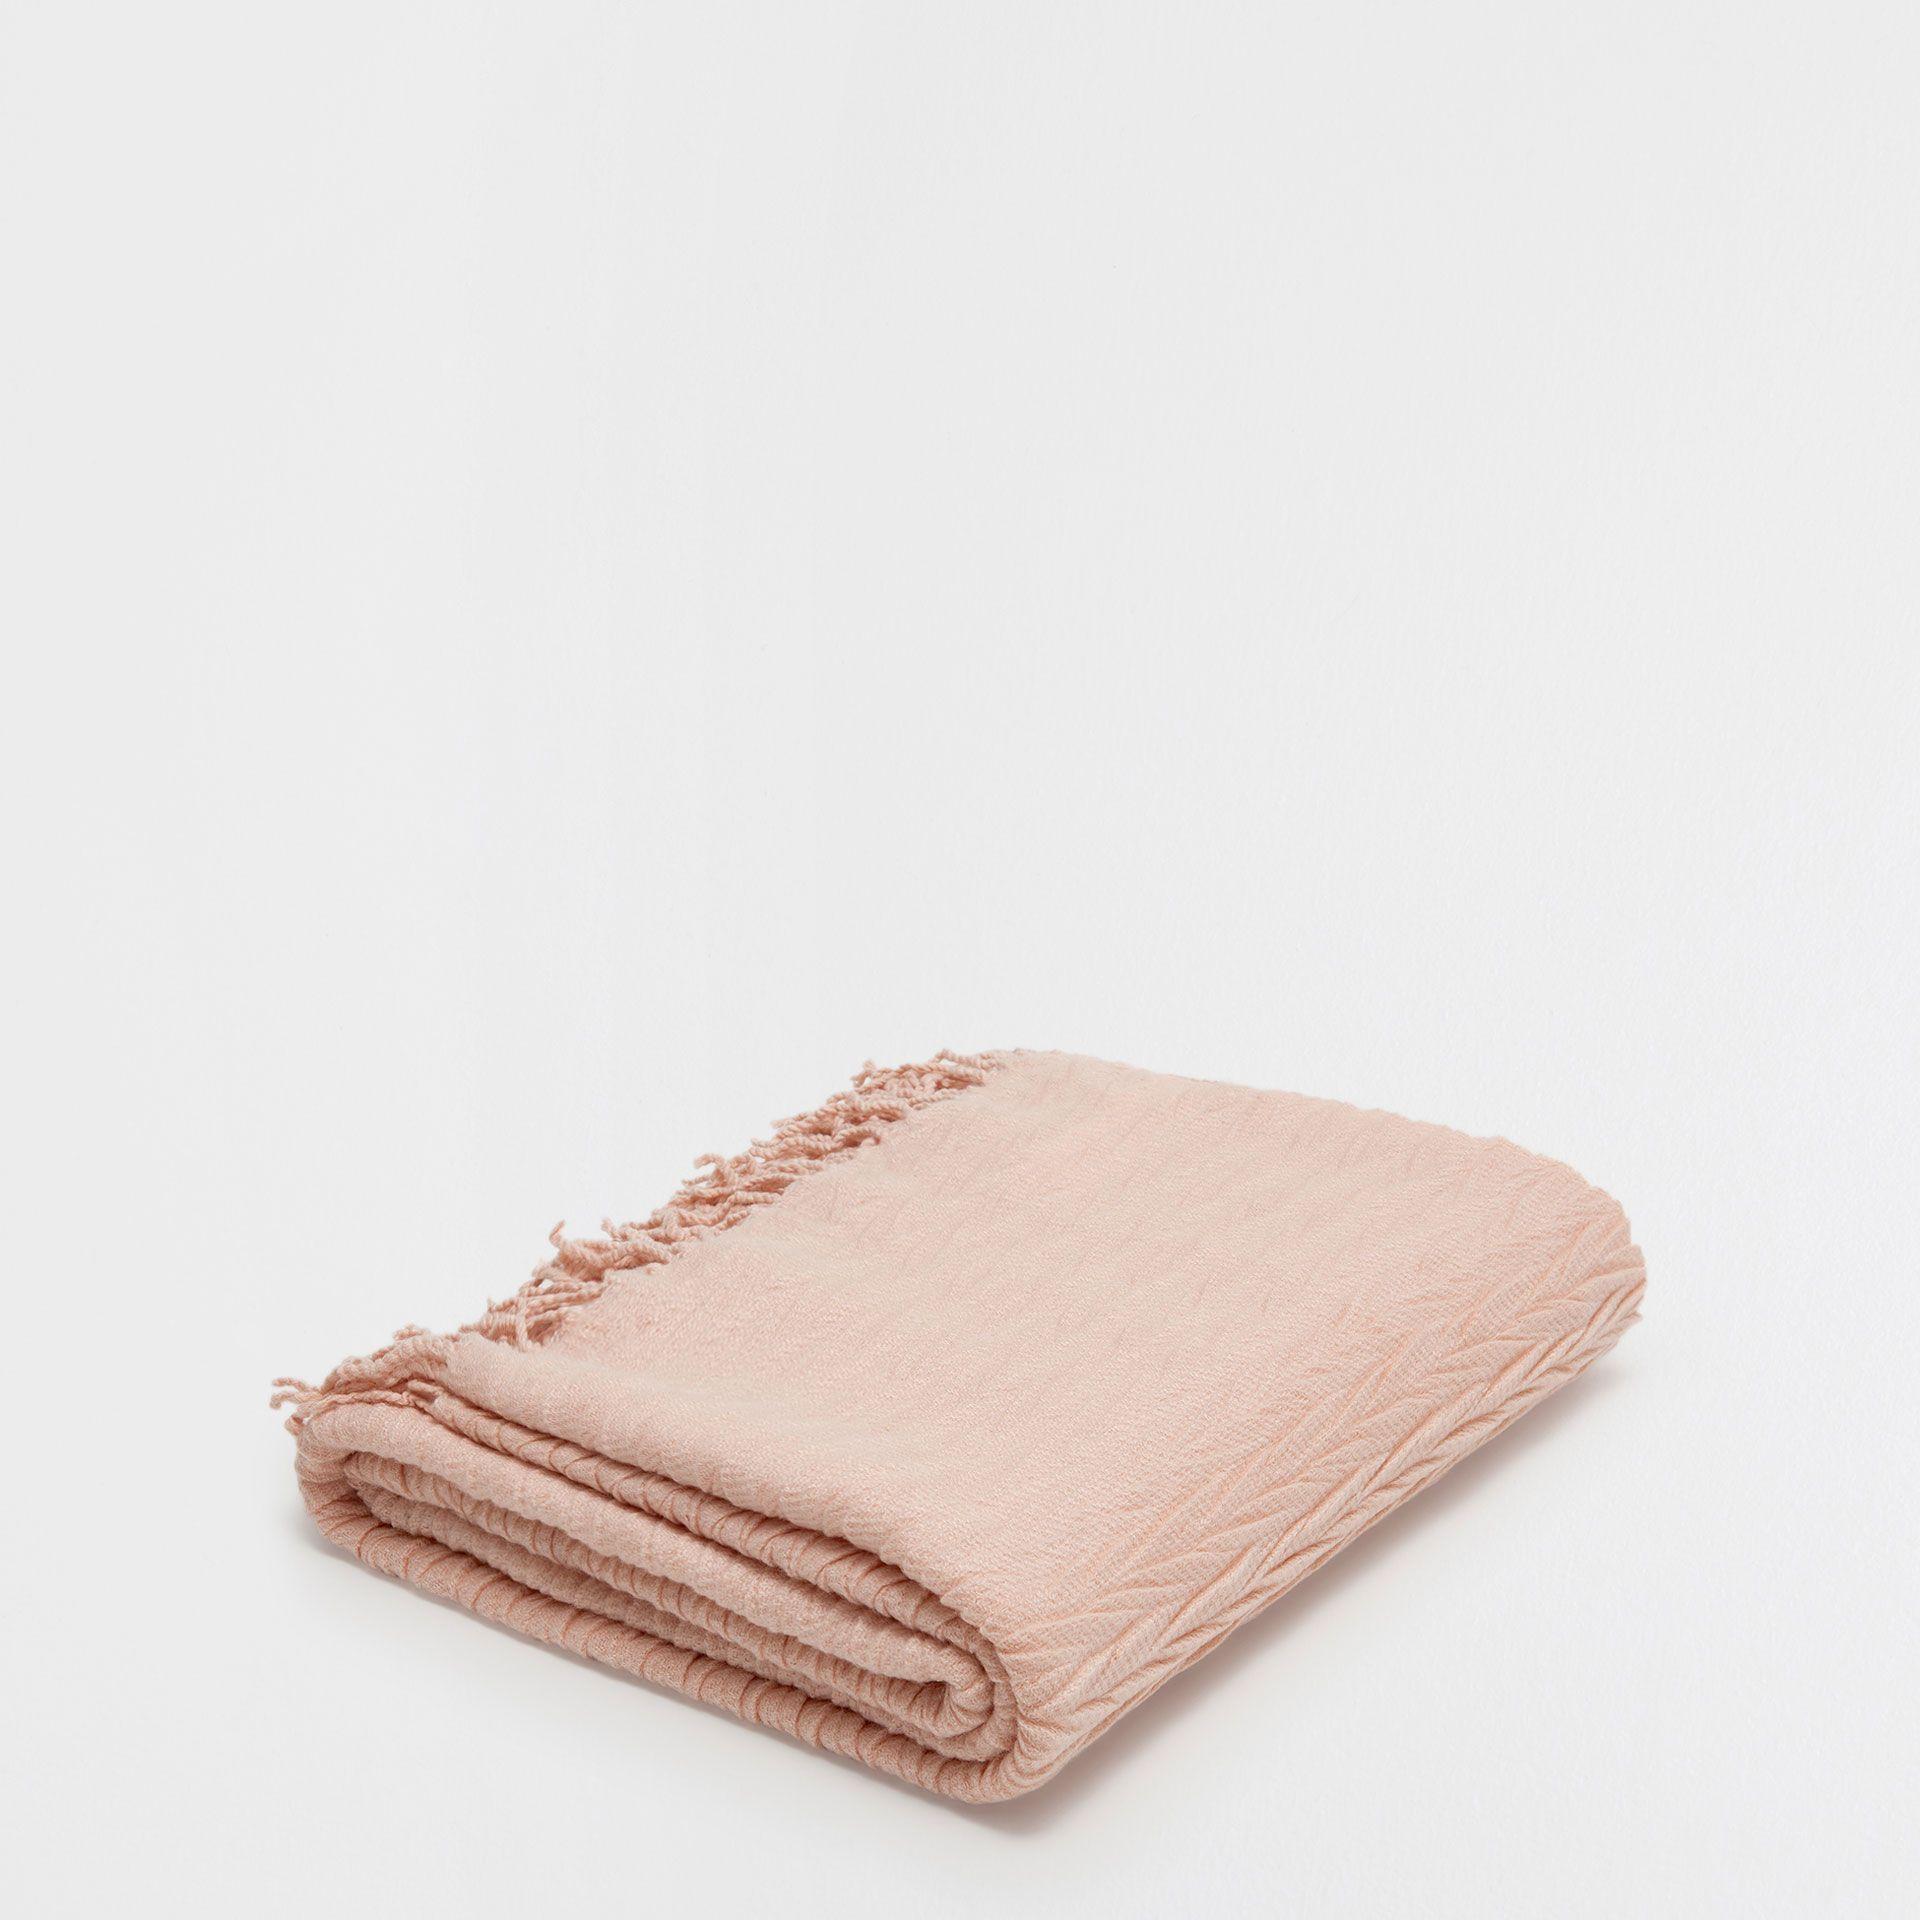 Zara Home Decke decke mit zierfalten und wellenmuster in rosa decken dekoration